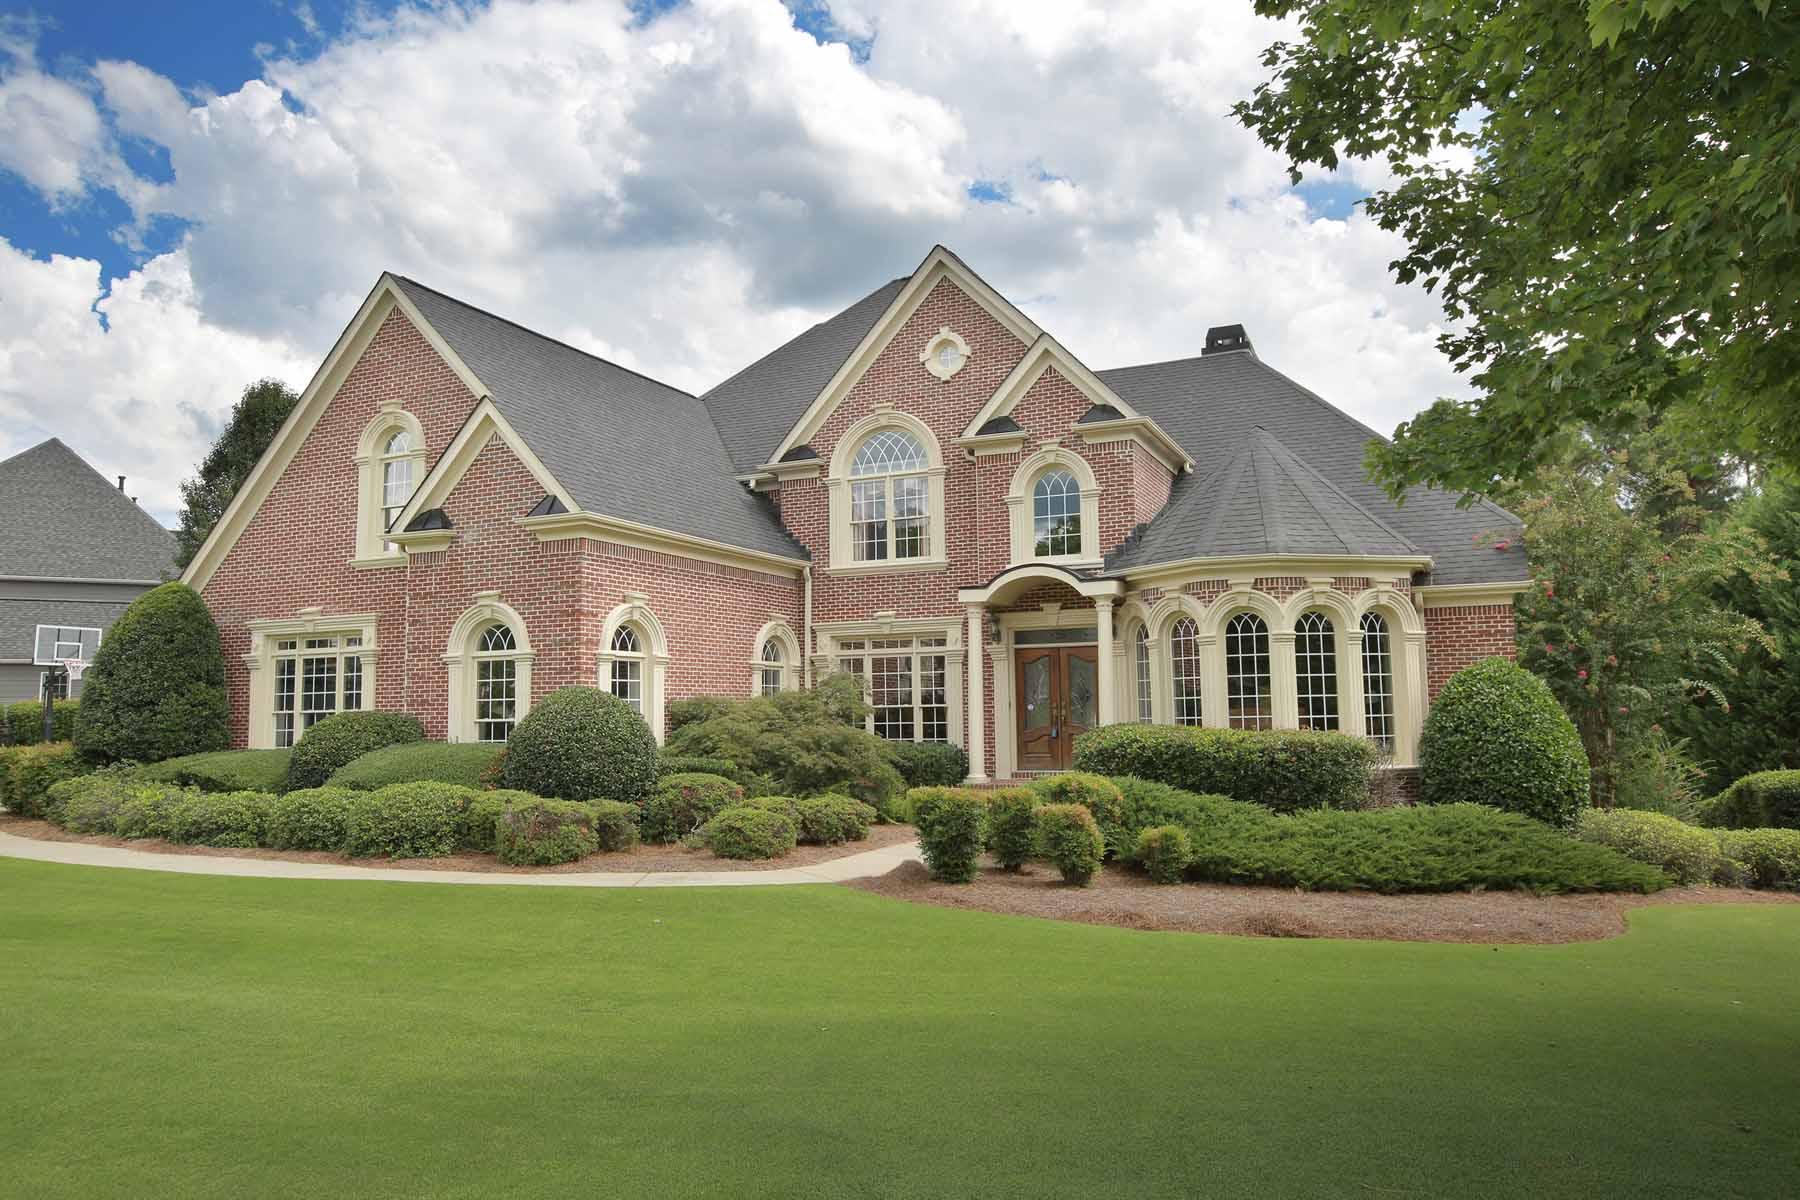 Vivienda unifamiliar por un Venta en Exemplary Custom Built Home in Reserve at Bridgemill 2025 Gold Leaf Parkway Canton, Georgia, 30114 Estados Unidos